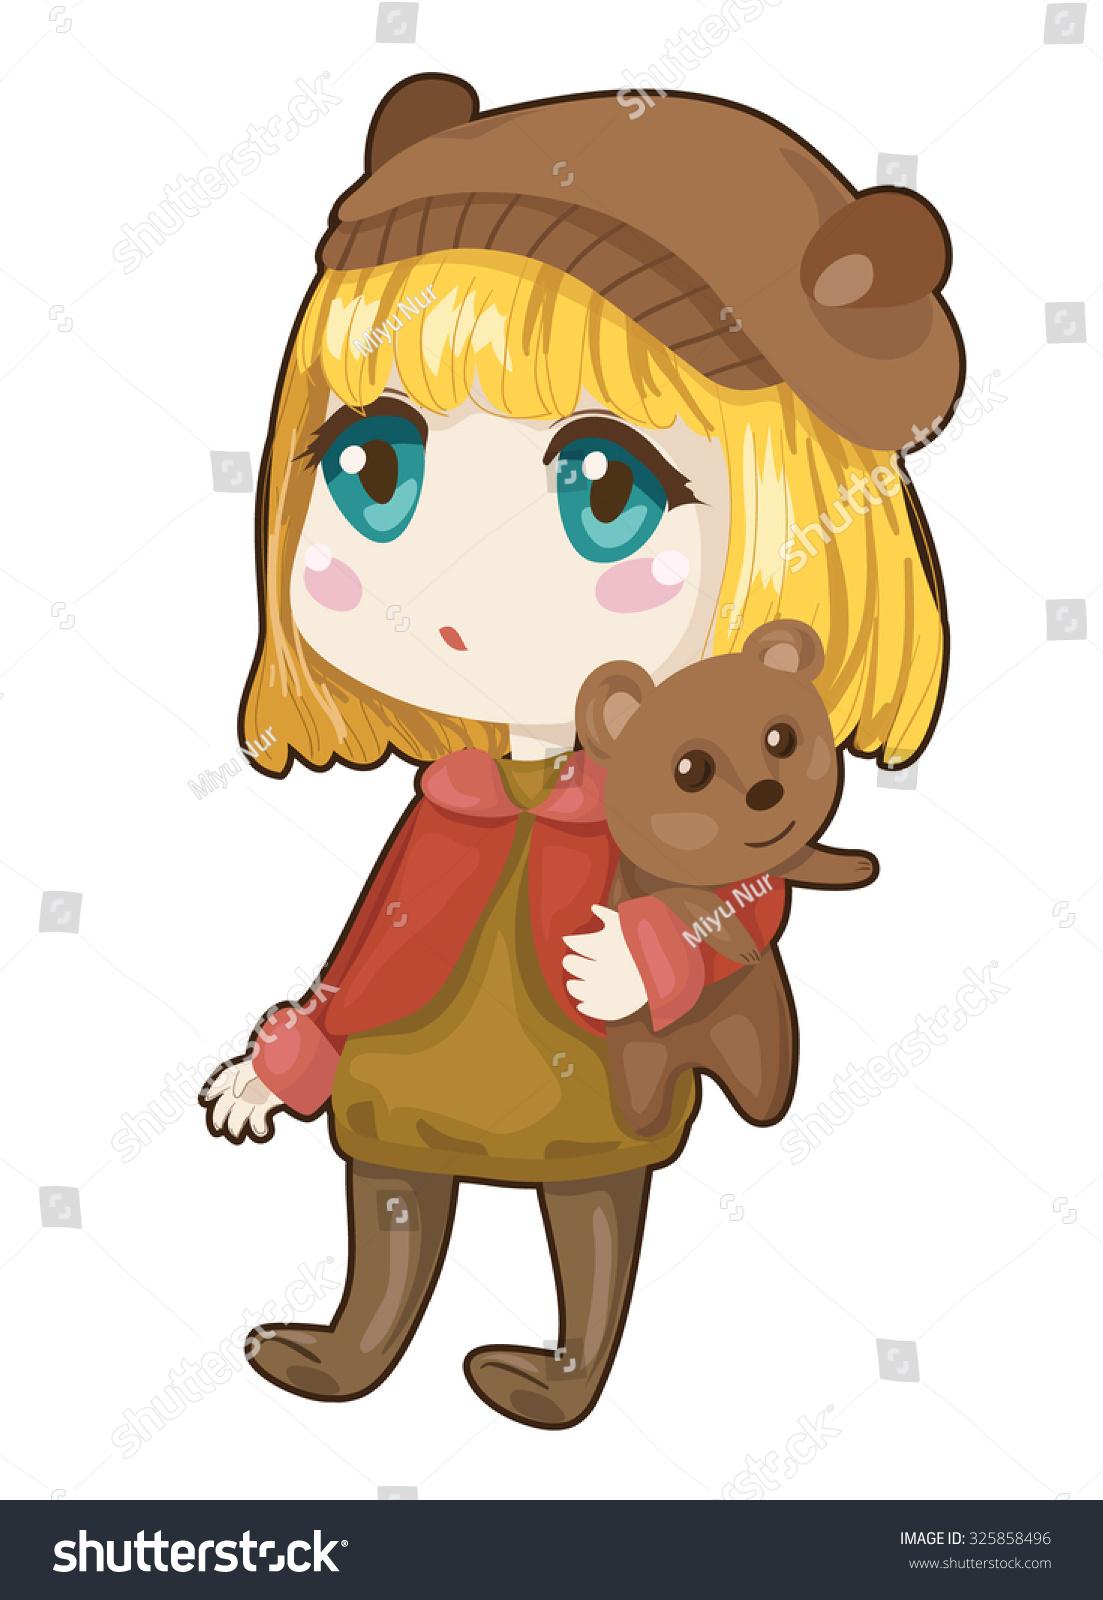 Little anime girl with her teddy bear